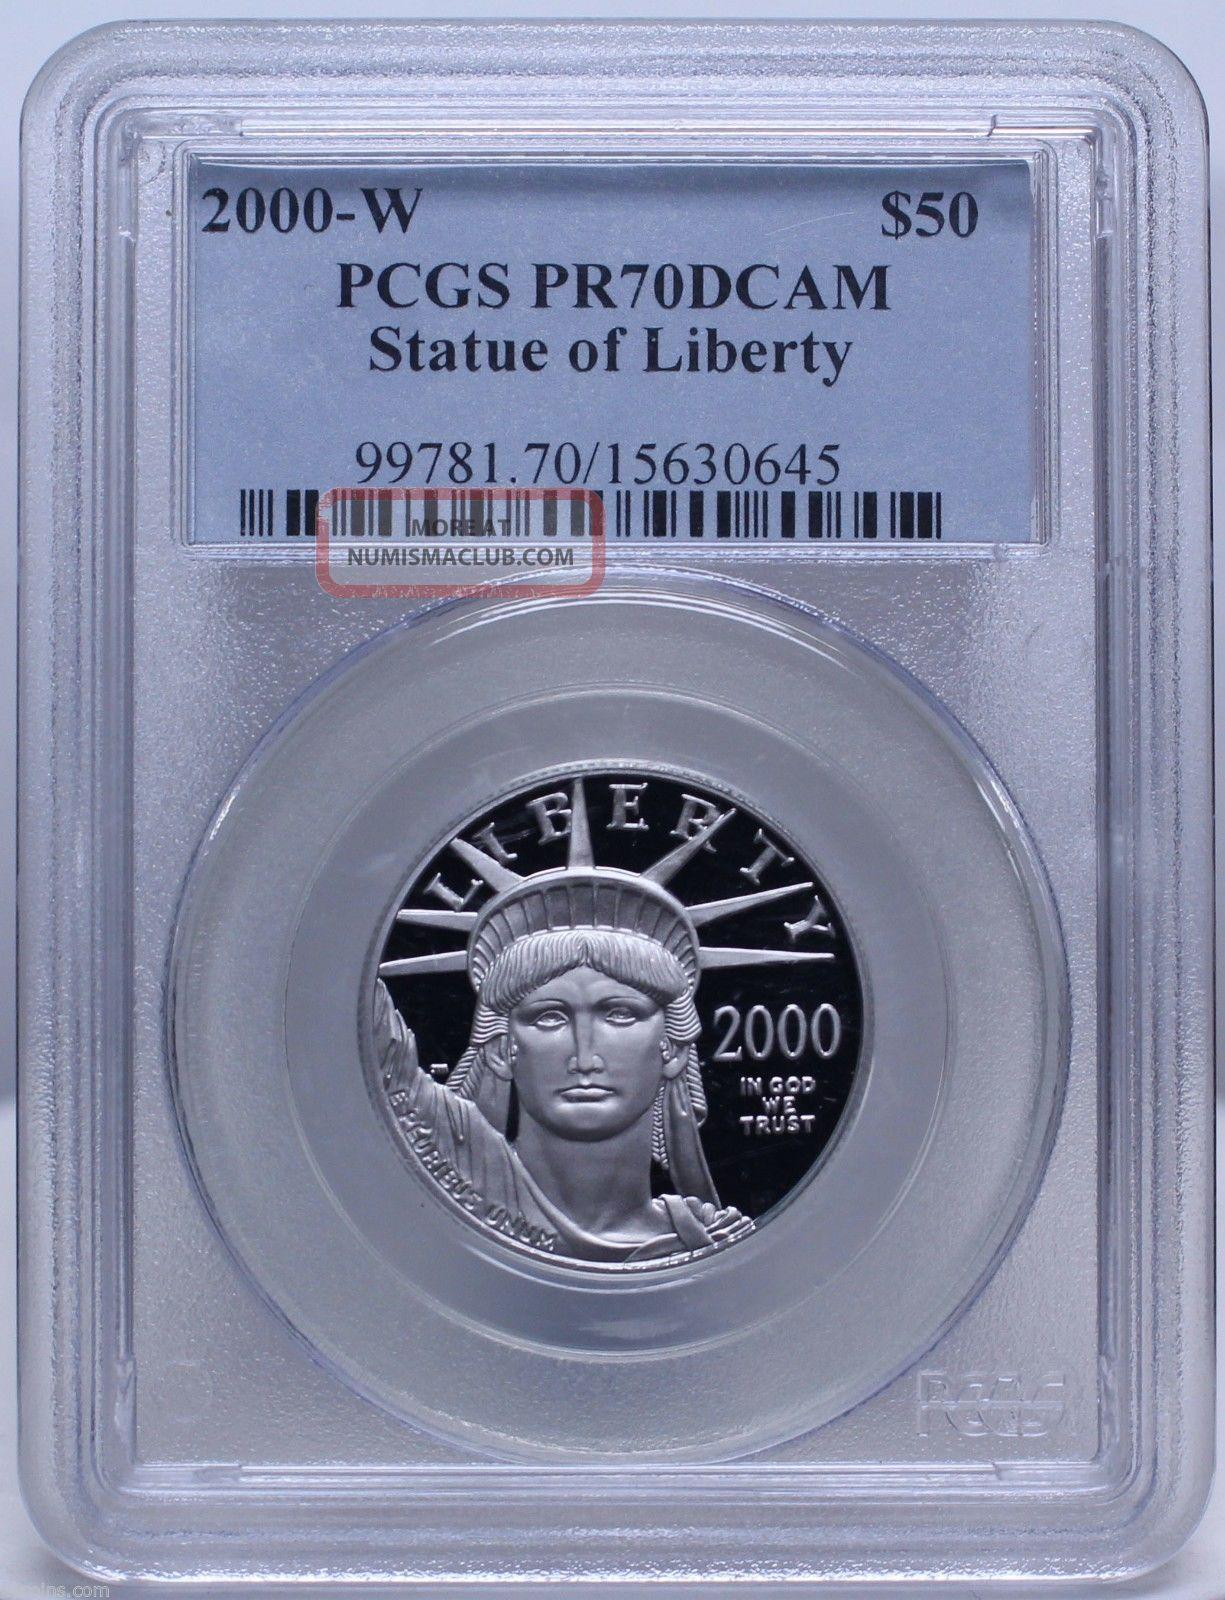 2000 W $50 Platinum Eagle West Point Pcgs Pr 70 Dcam Low Mintage Nr 01201786b Platinum photo